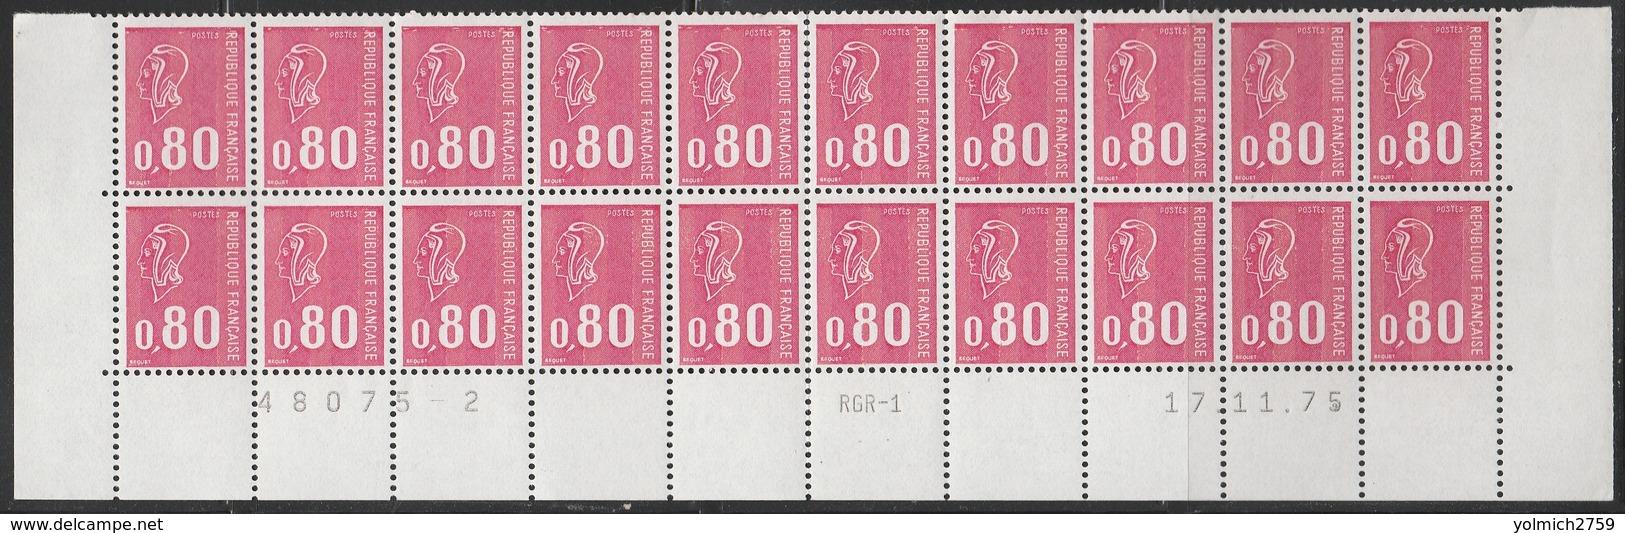 """1816 0.80f. BEQUET """"ROSE GROSEILLE"""" - BAS De FEUILLE De 20 RGR1 - COIN DATE 17.11.75 - 1971-76 Marianne (Béquet)"""